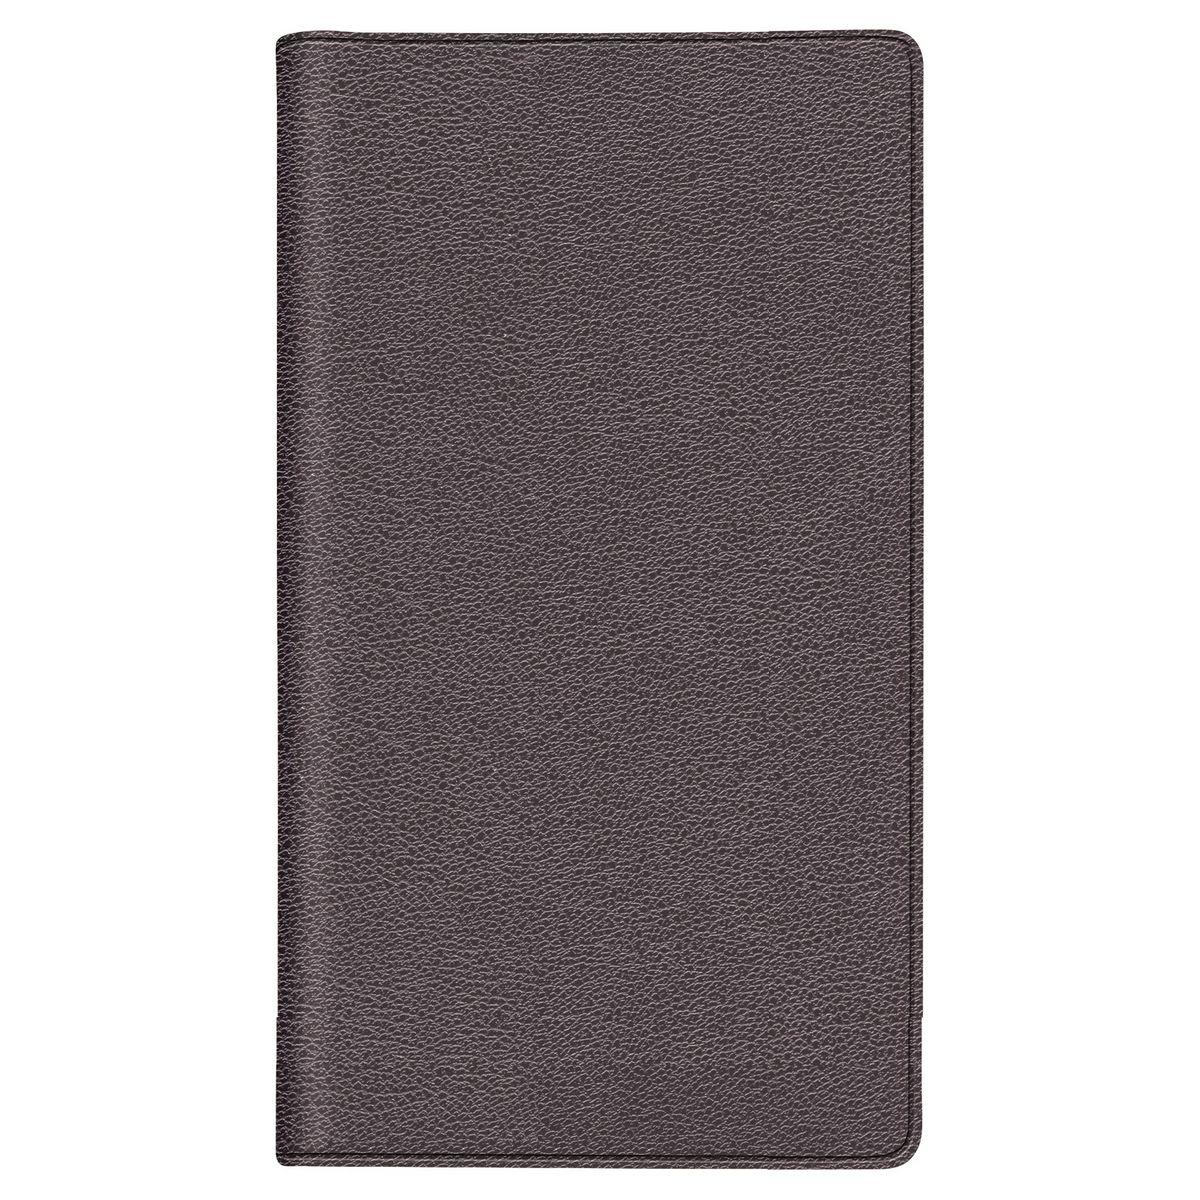 Agenda scolaire semainier 128 pages 9x16cm gris 2019 2020